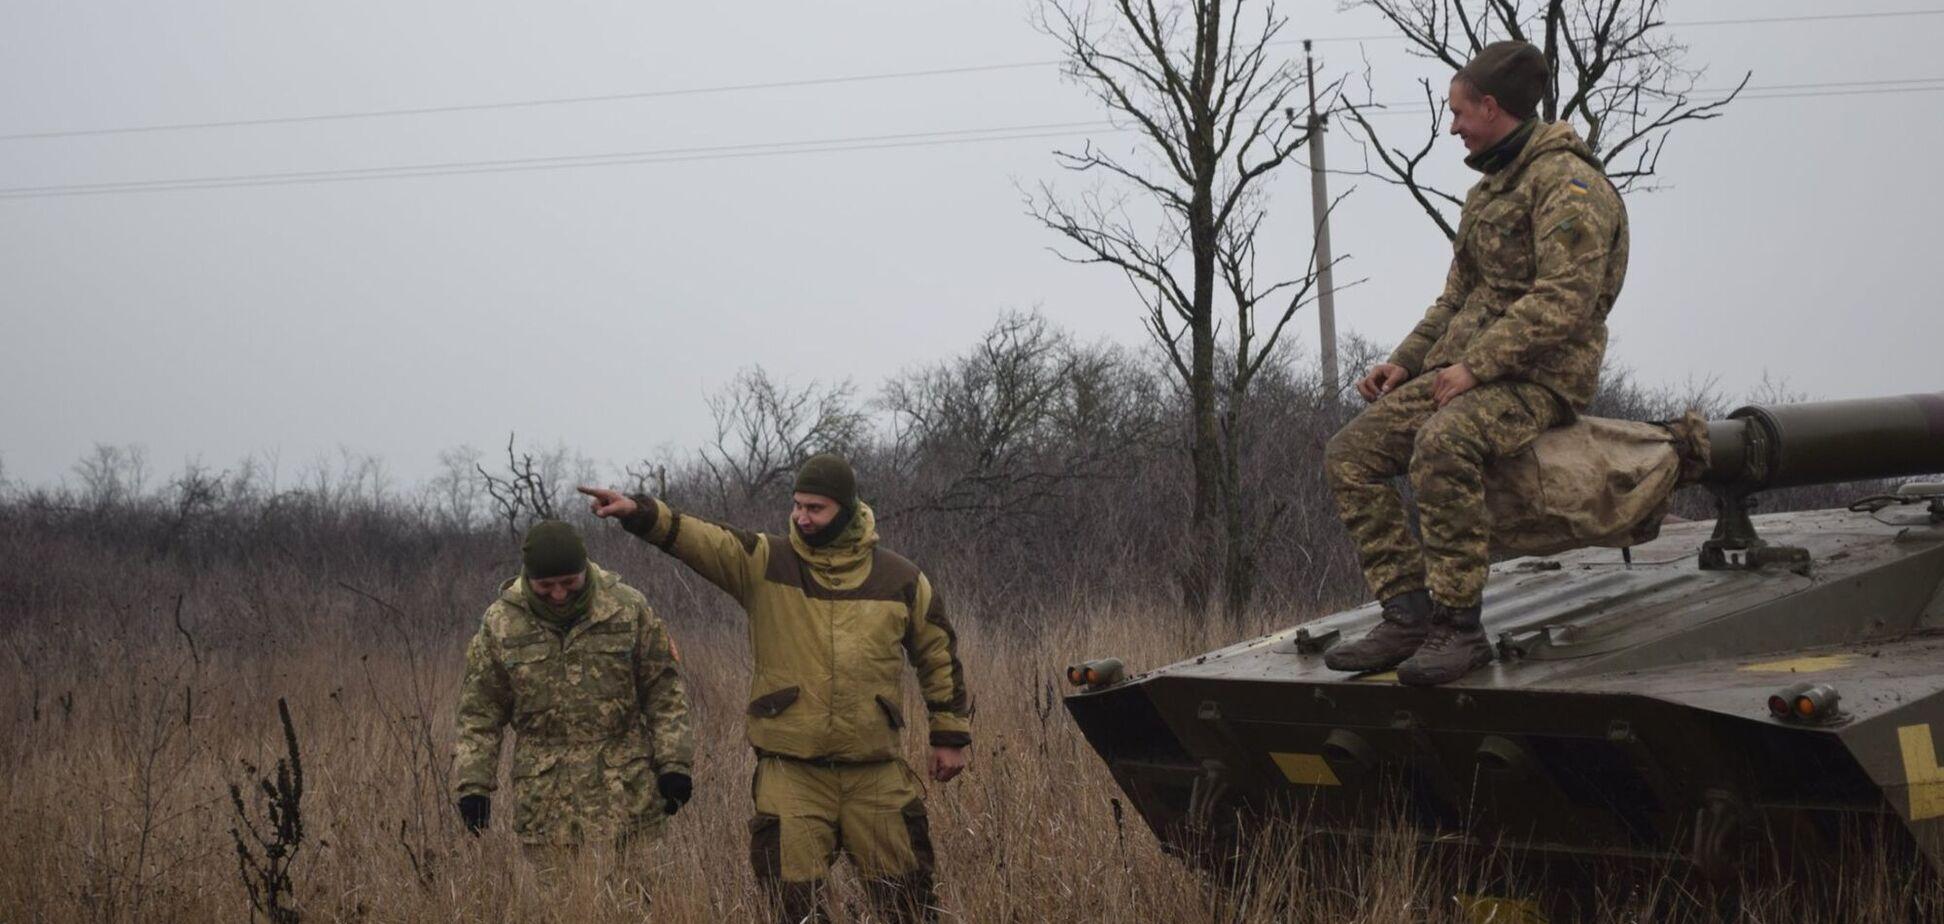 ВСУ показали последствия поджогов террористами на Донбассе